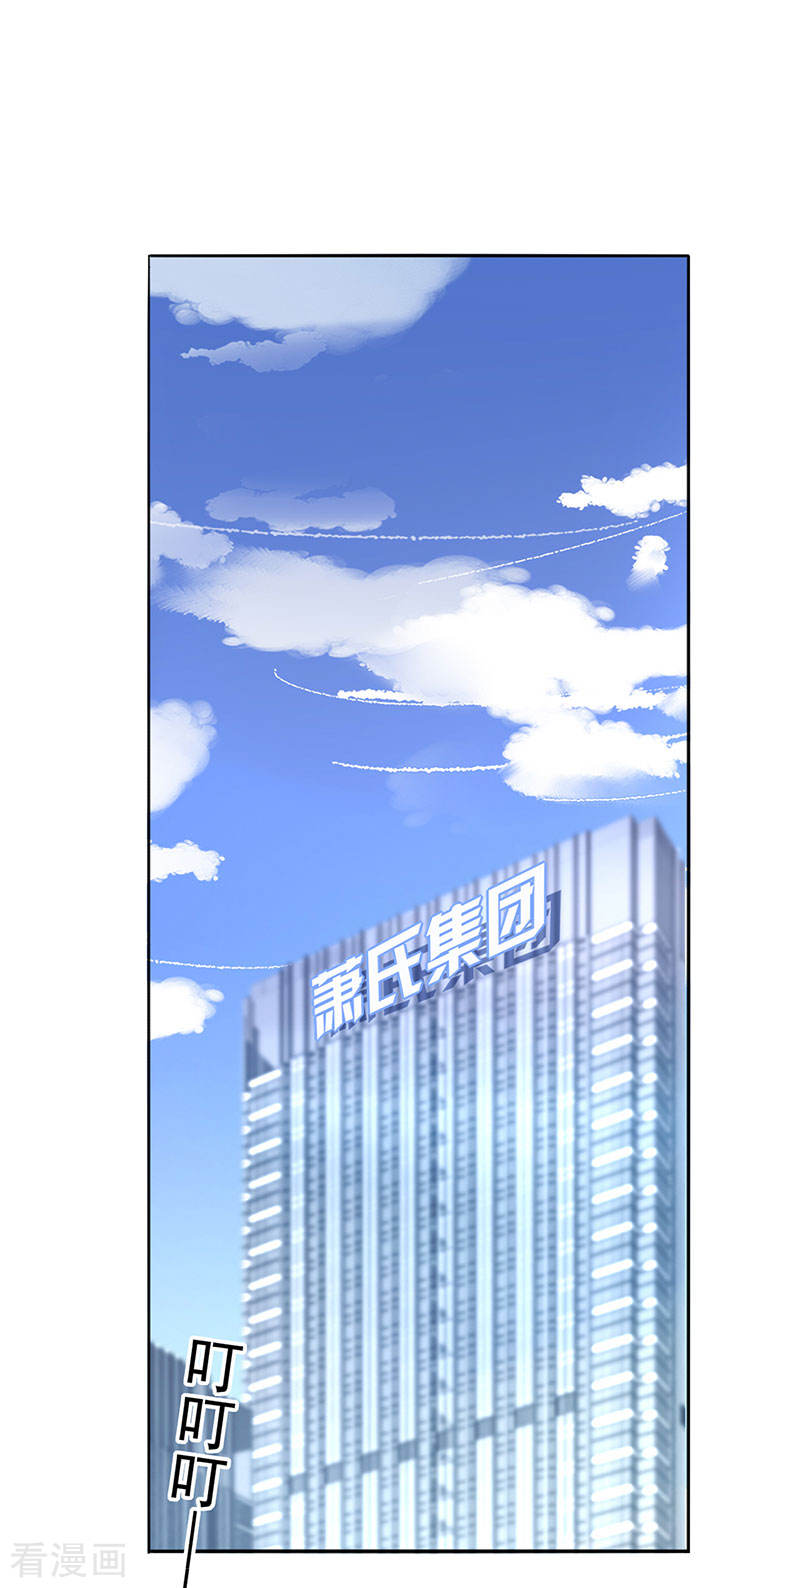 落難千金的逆襲: 203話 煜城不見了?! - 第8页